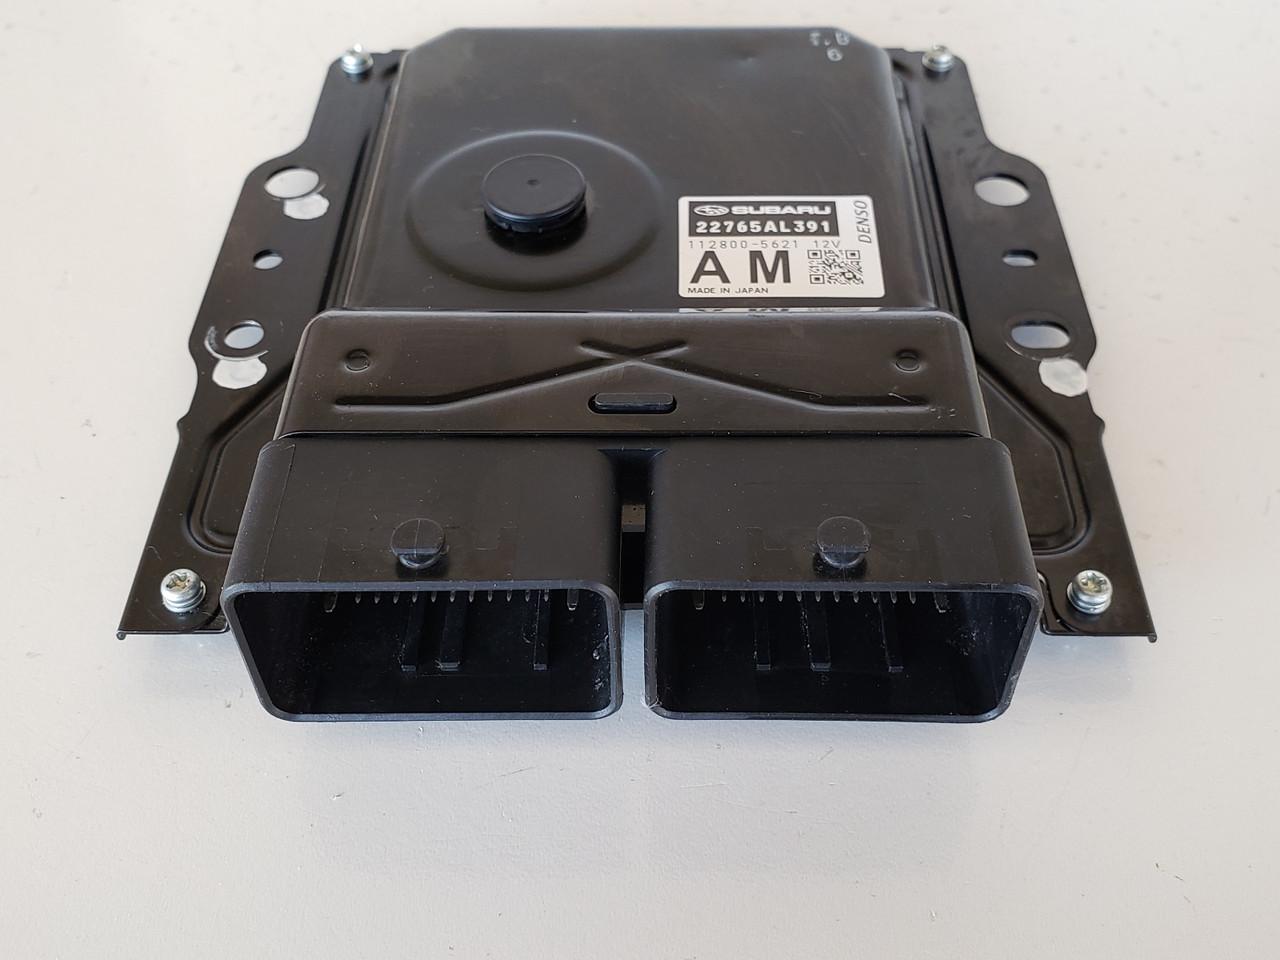 2018 Subaru Forester 22765AL391 Computer Brain Engine Control ECU ECM EBX Module